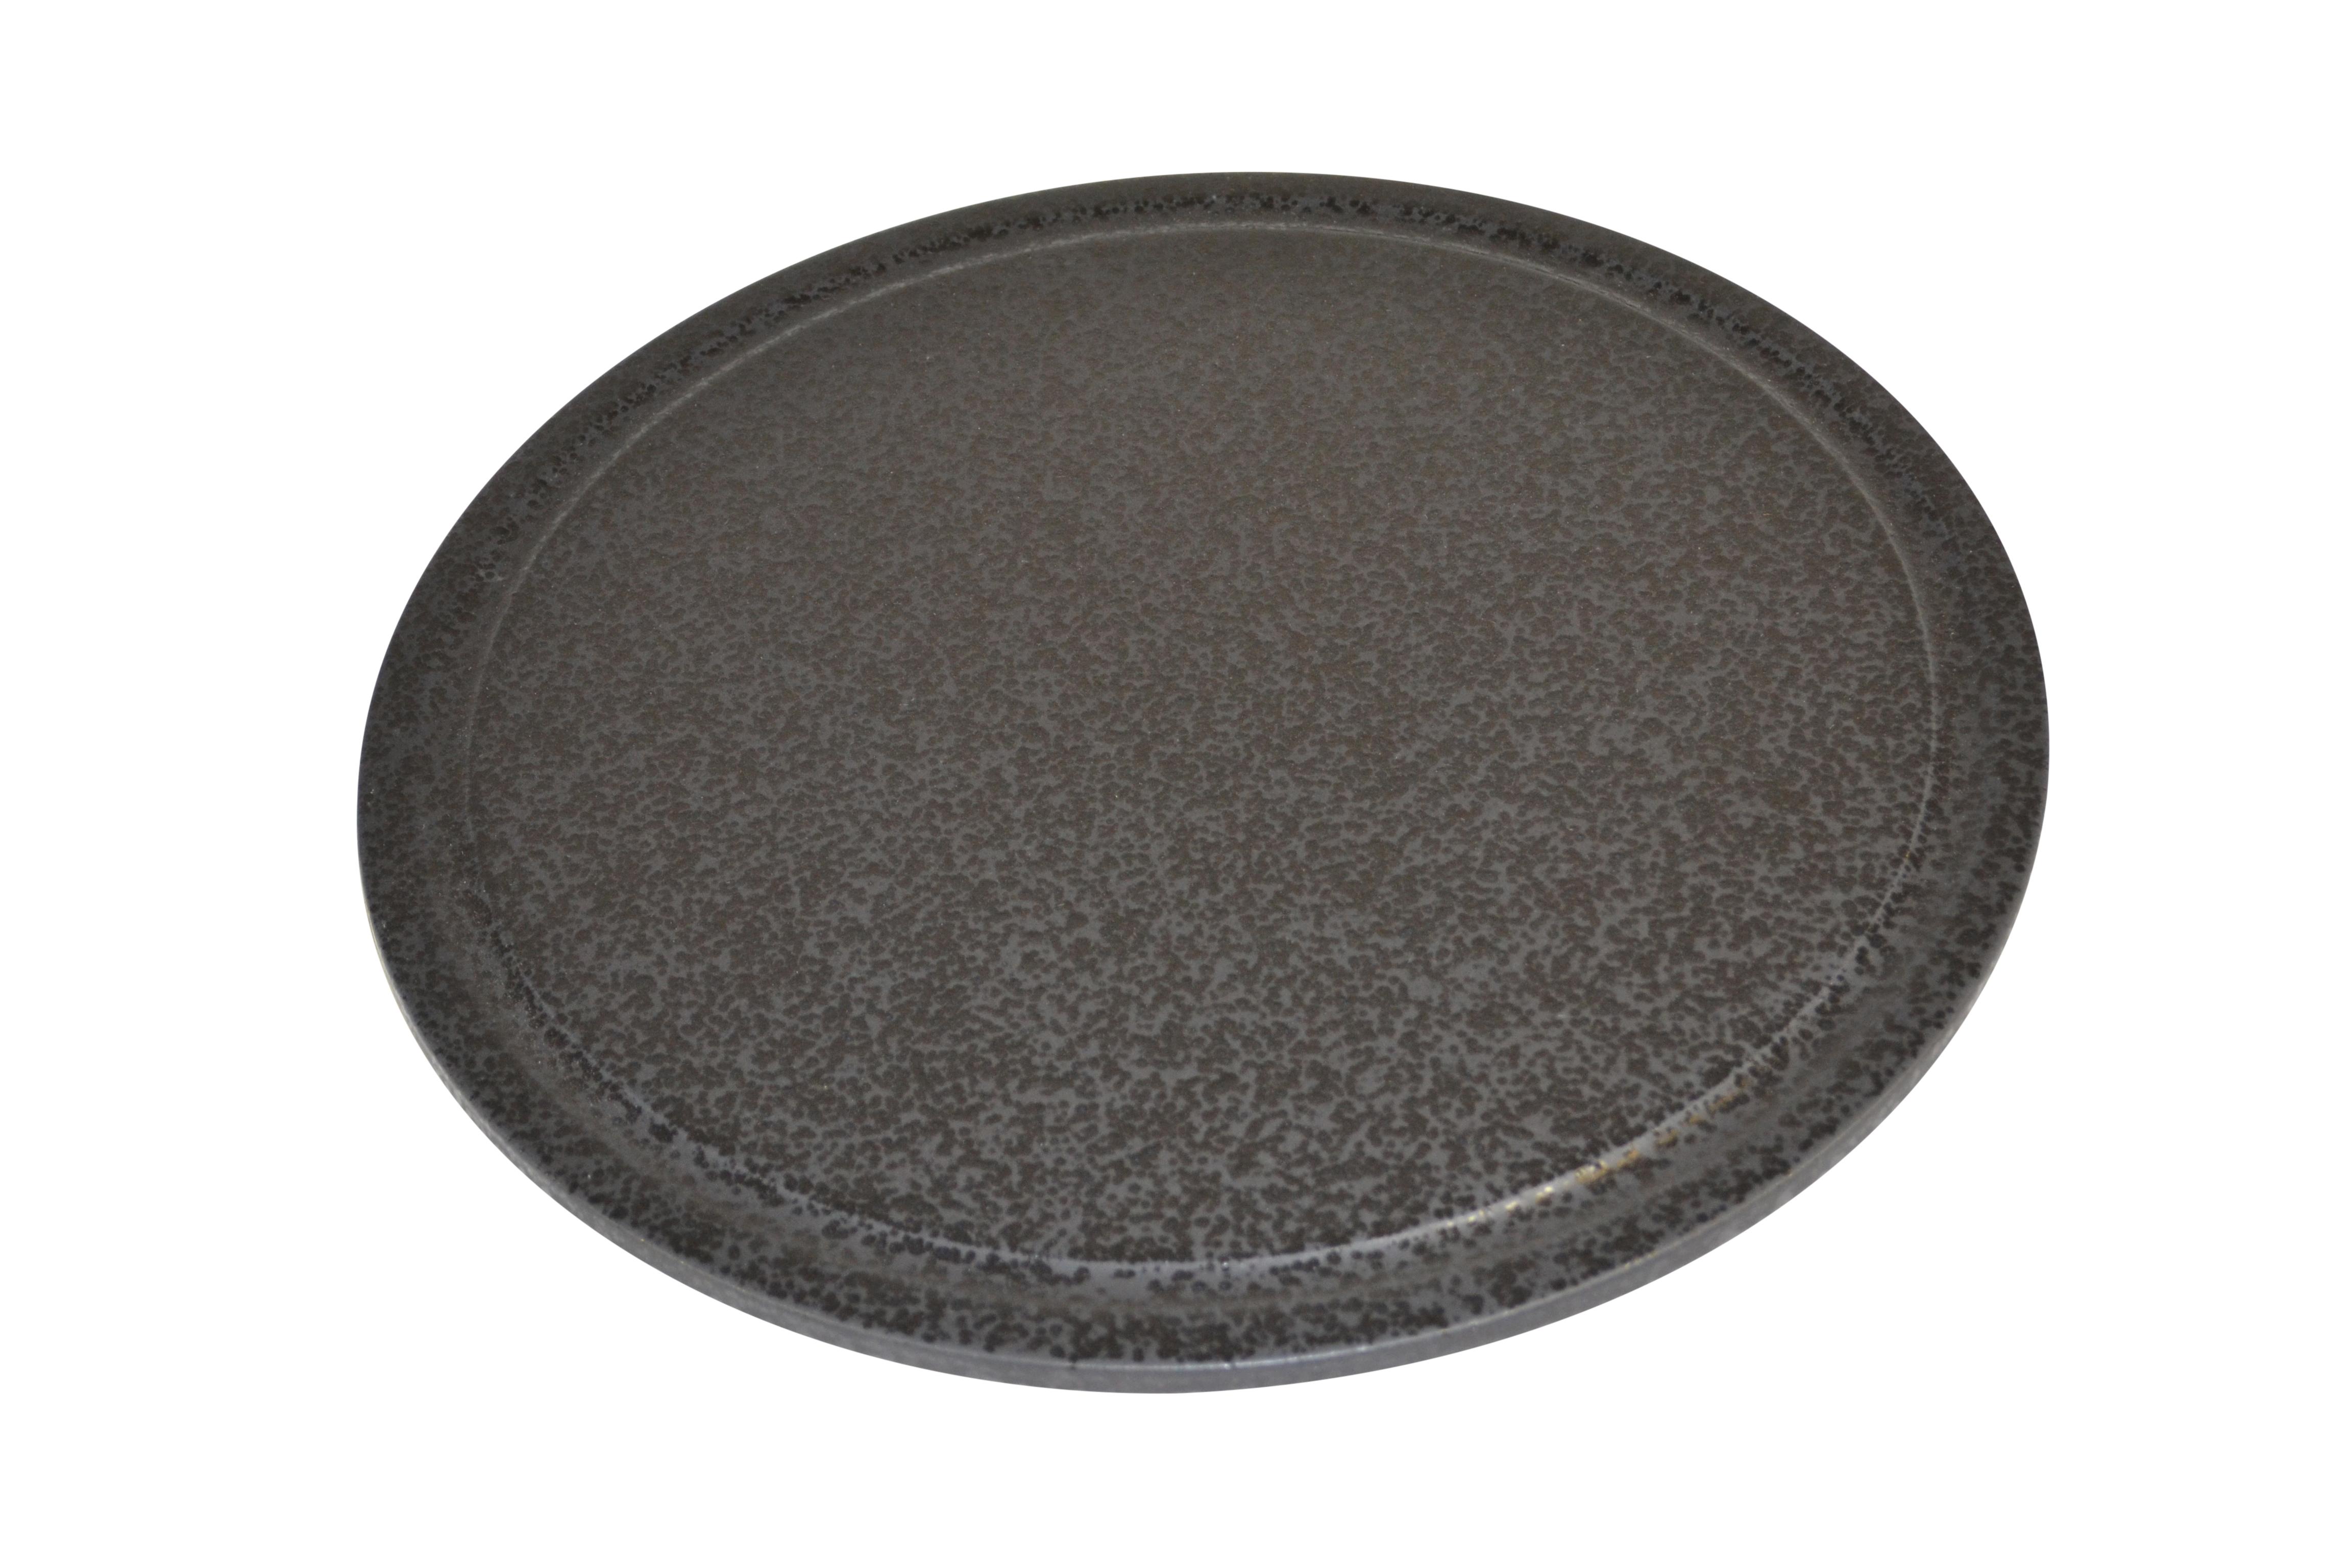 Grillstein Für Gasgrill : Ein stein viele möglichkeiten grillstein pizzastein